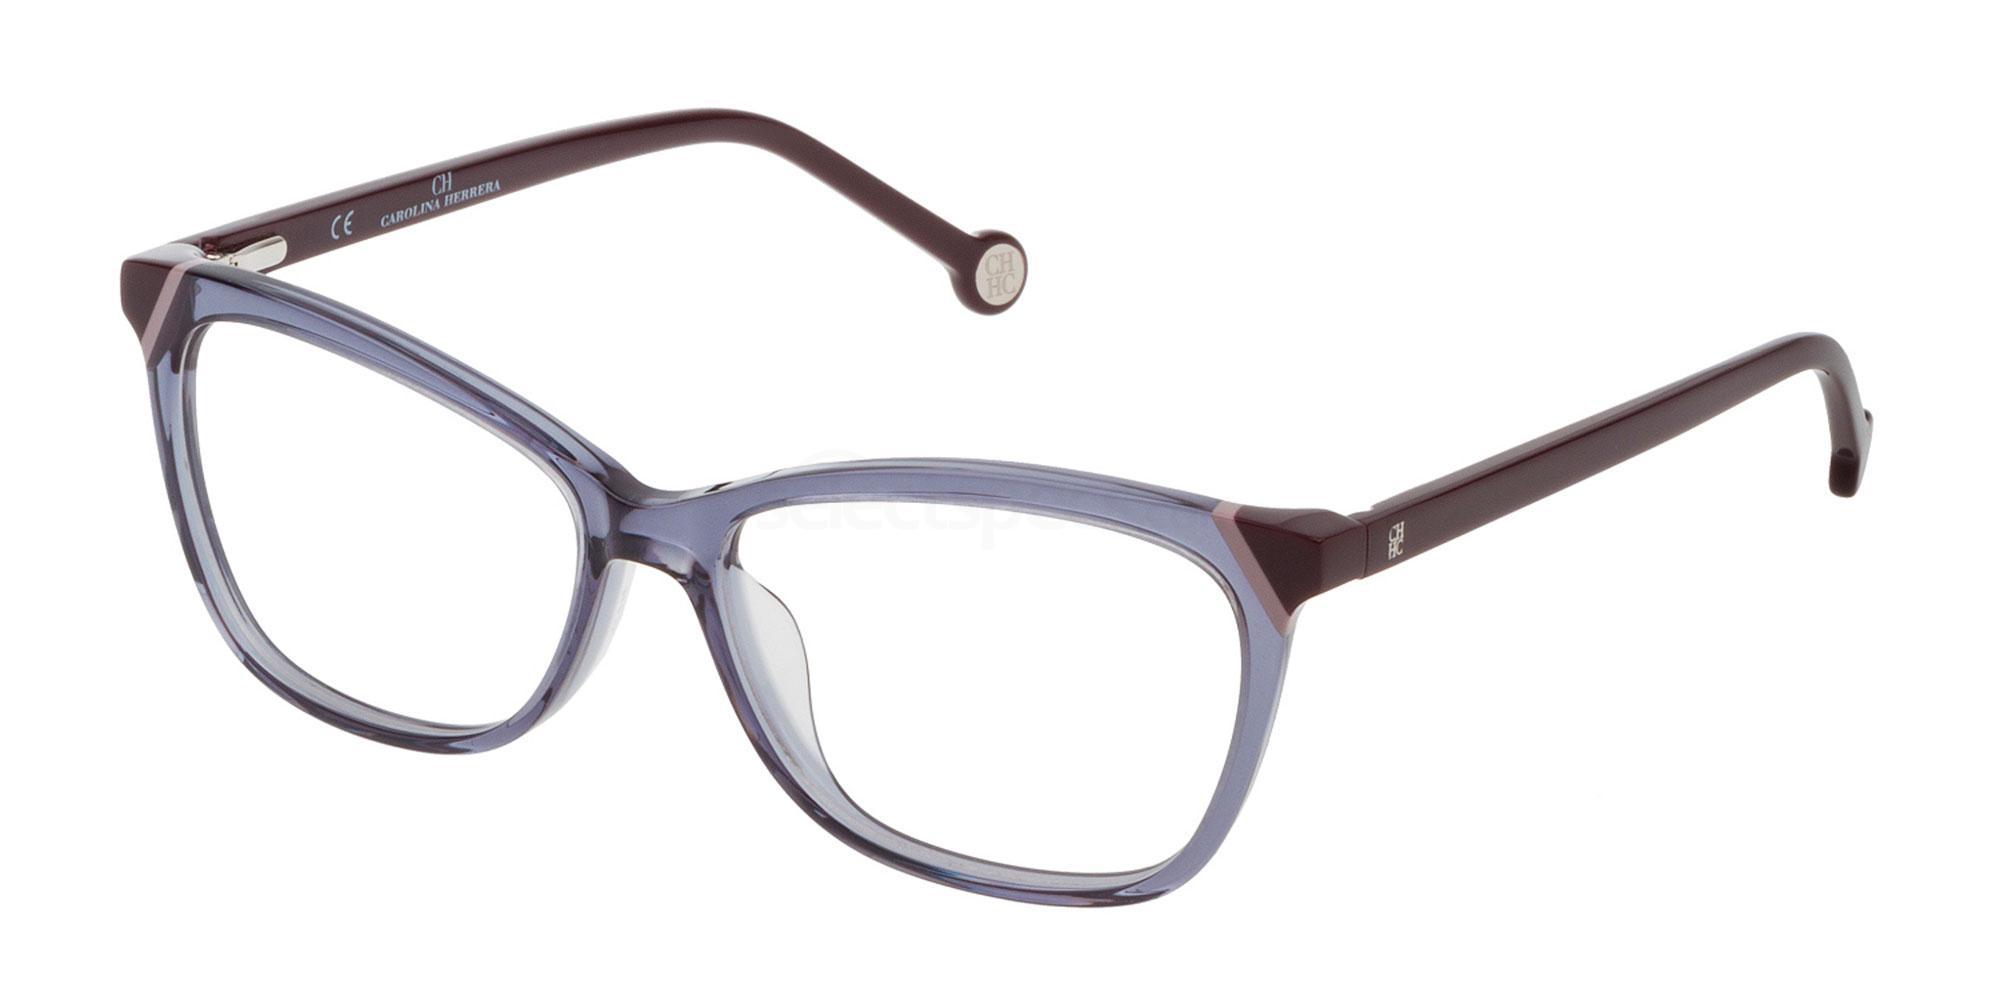 04AL VHE806L Glasses, CH Carolina Herrera